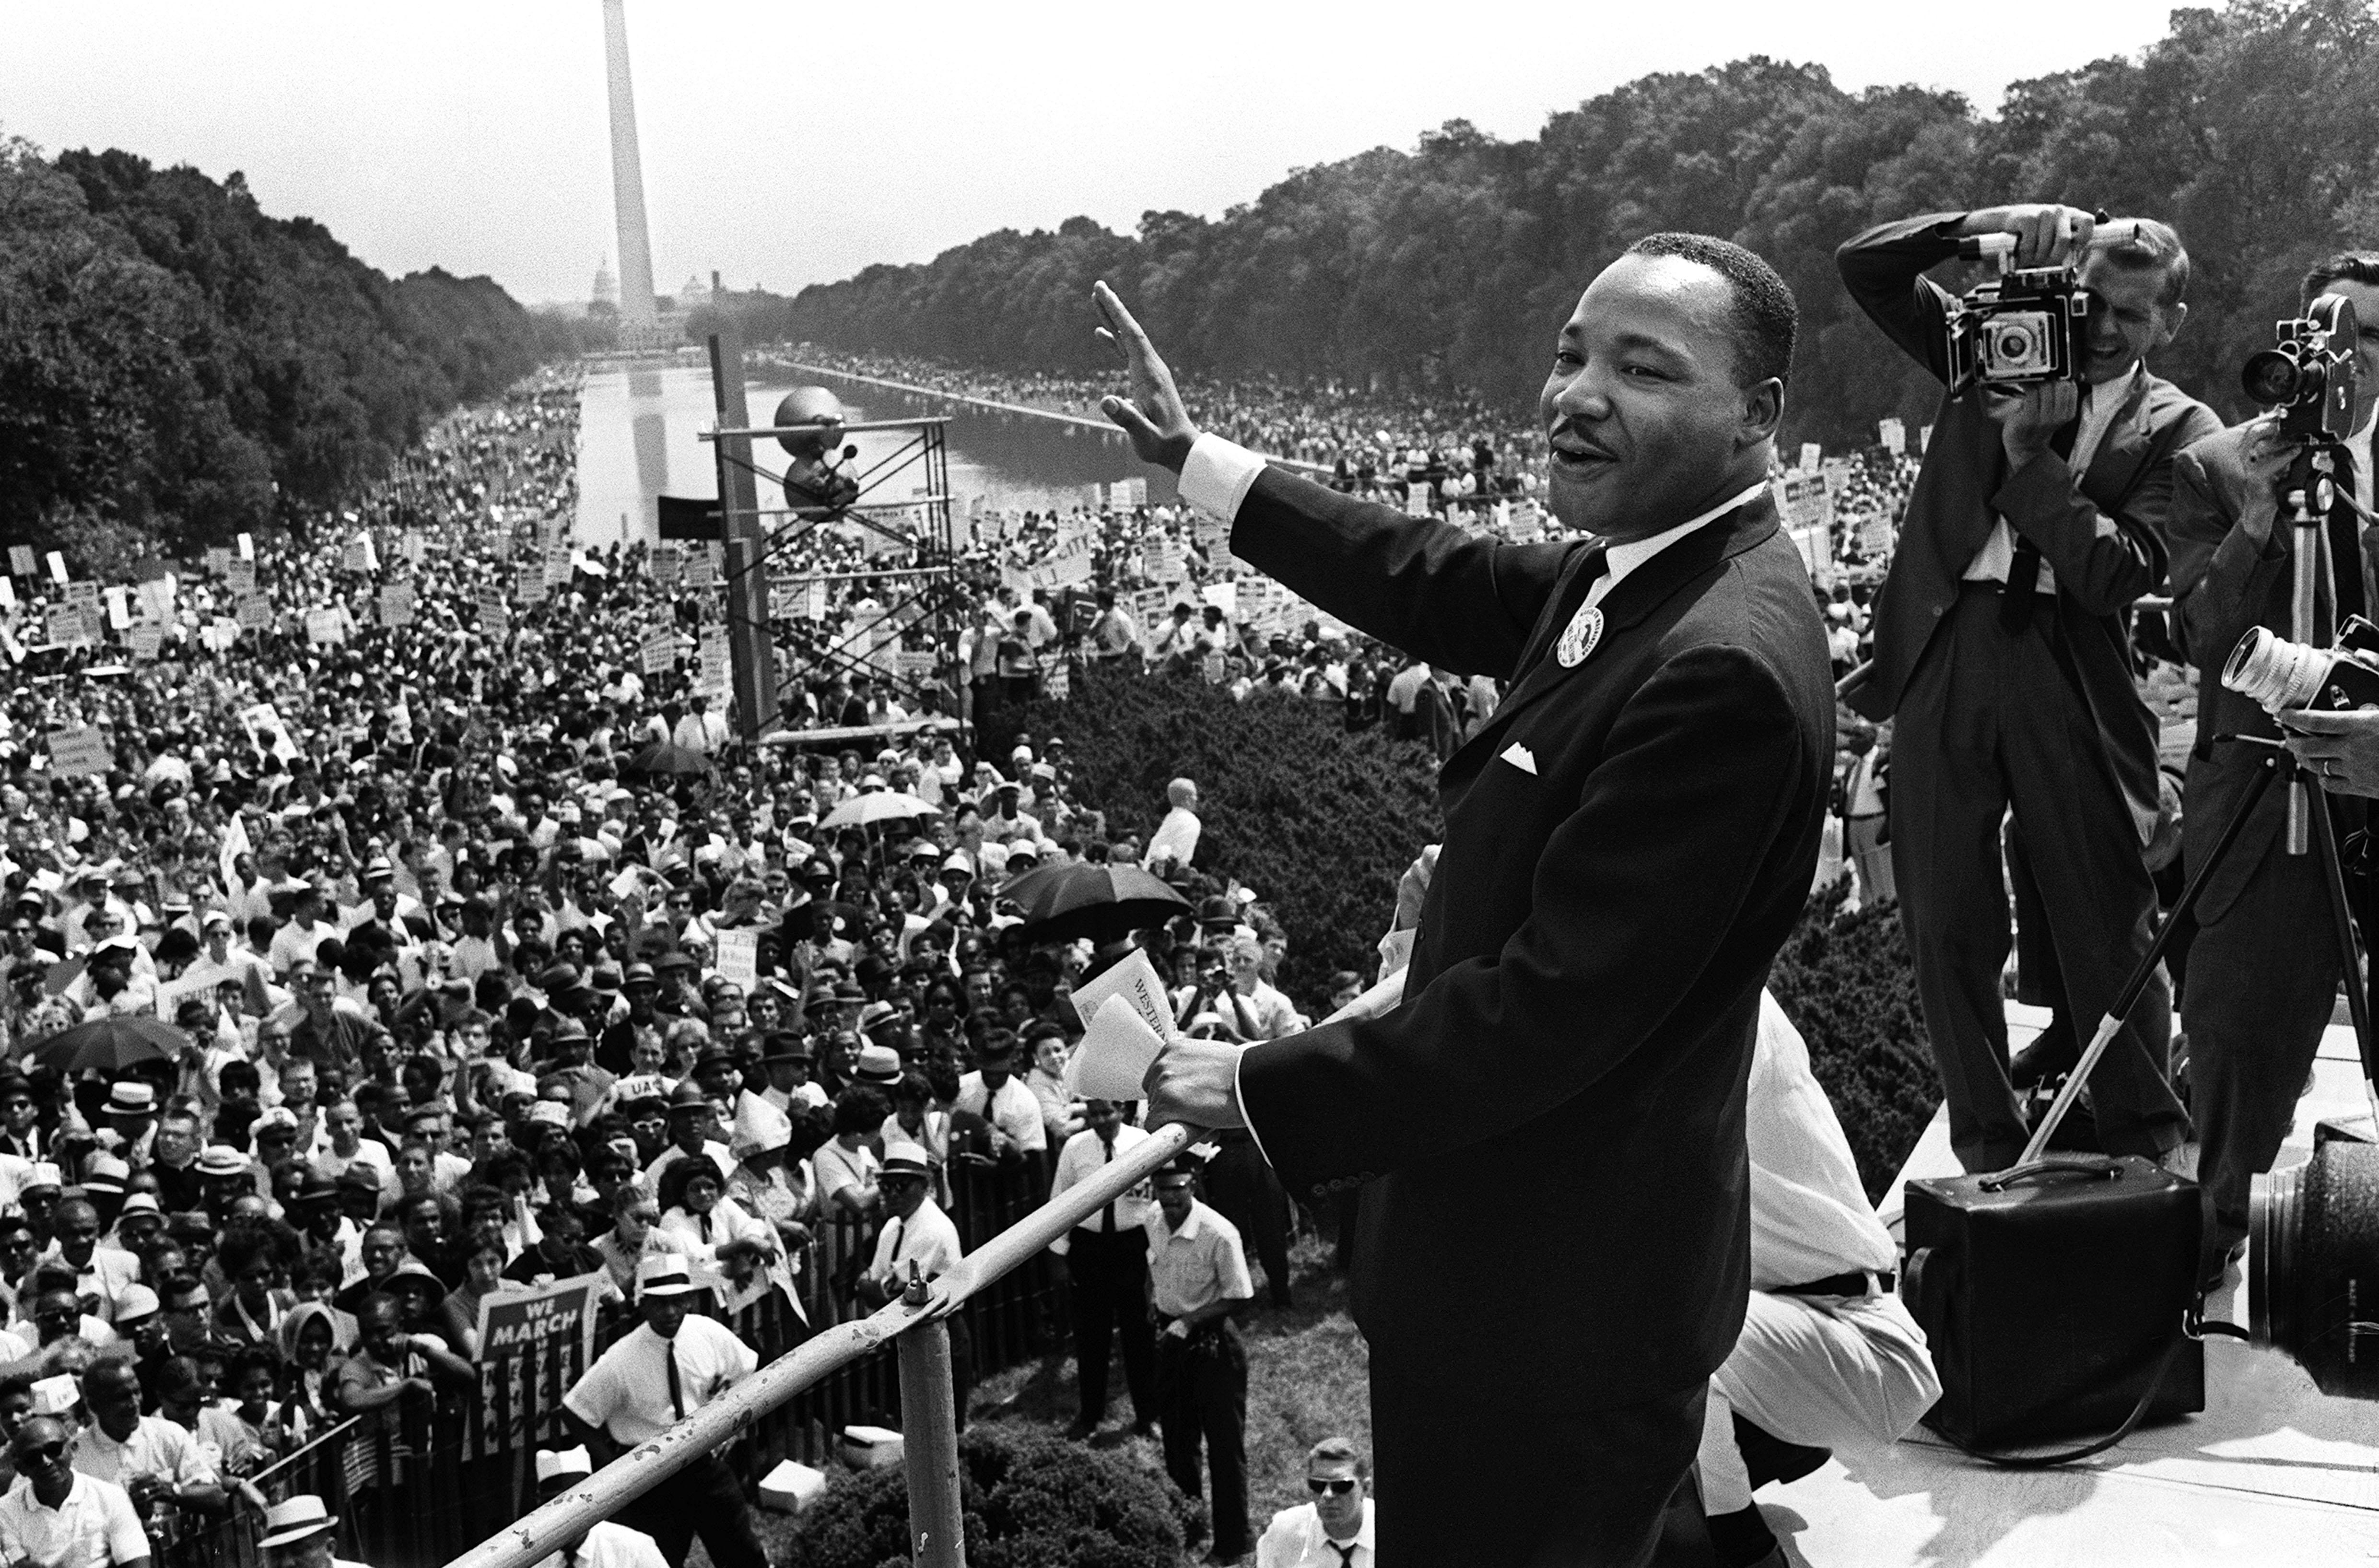 """كينغ يخطب خلال مسيرة """"العمل والحرية"""" في 28 آب/أغسطس 1963"""